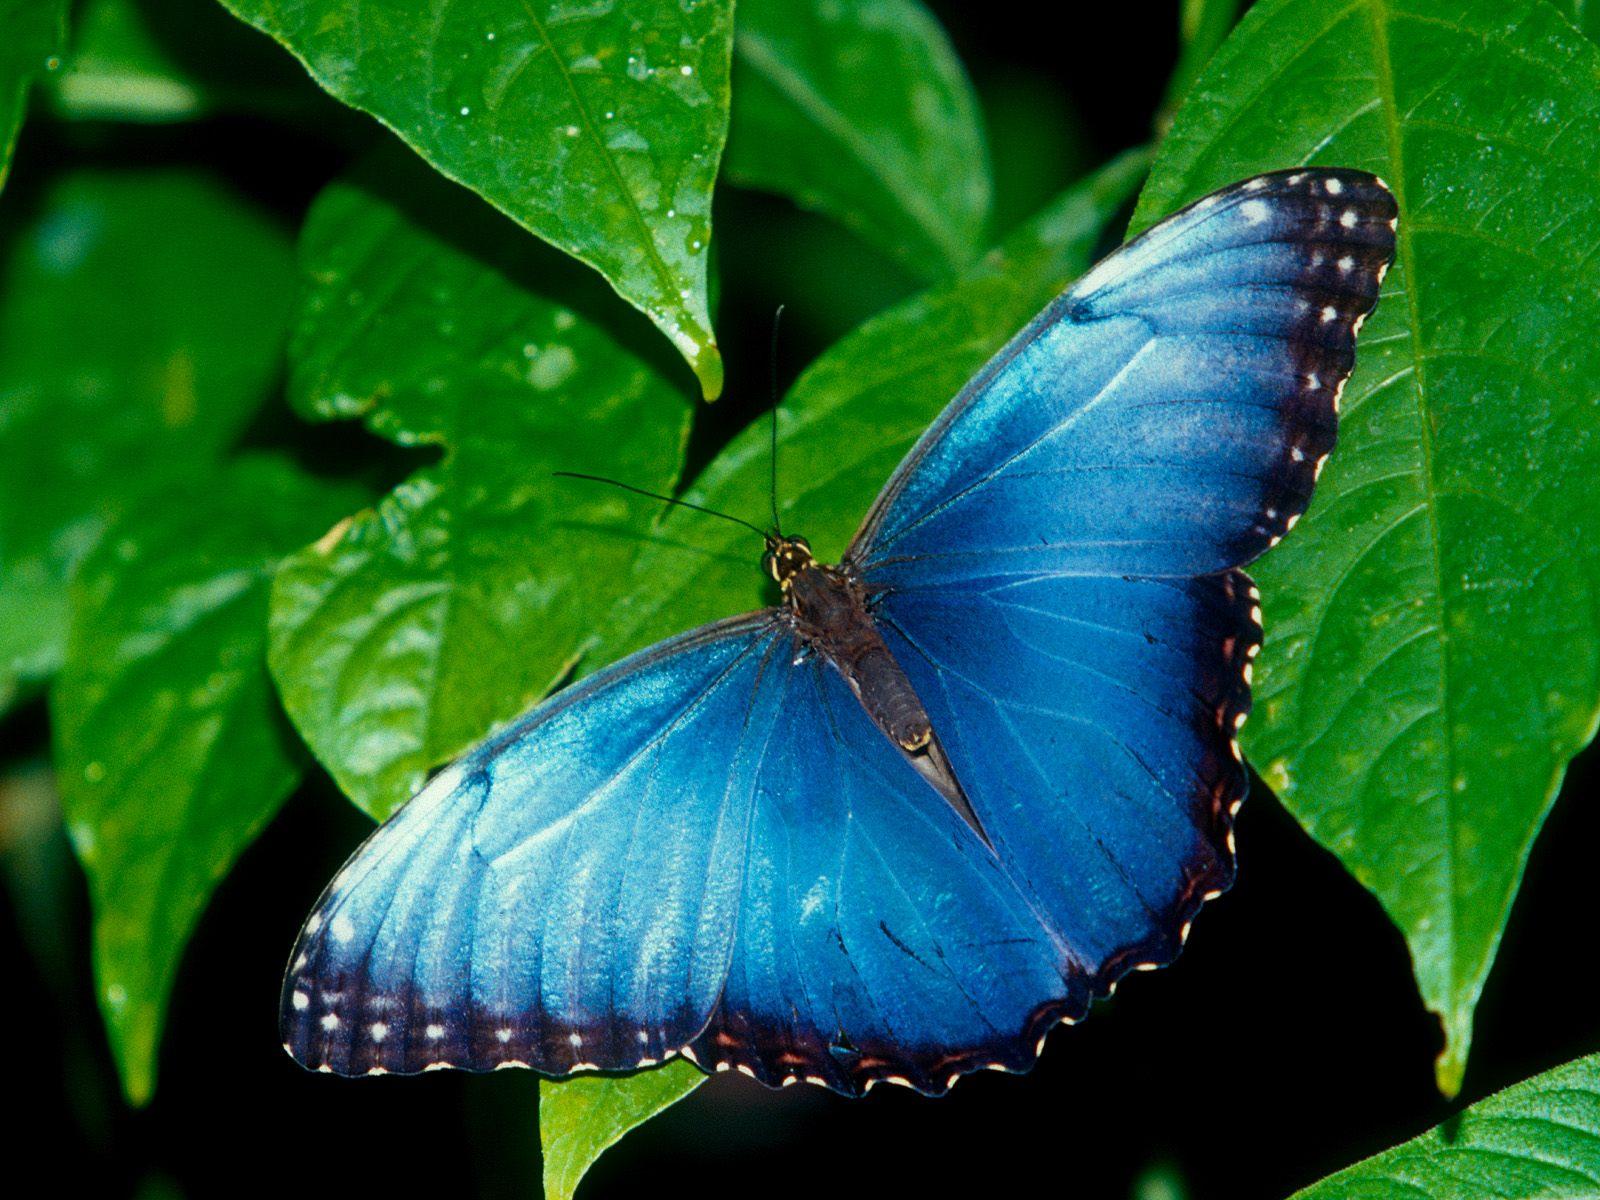 Butterfly wallpaperamazedwallpaper 1600x1200